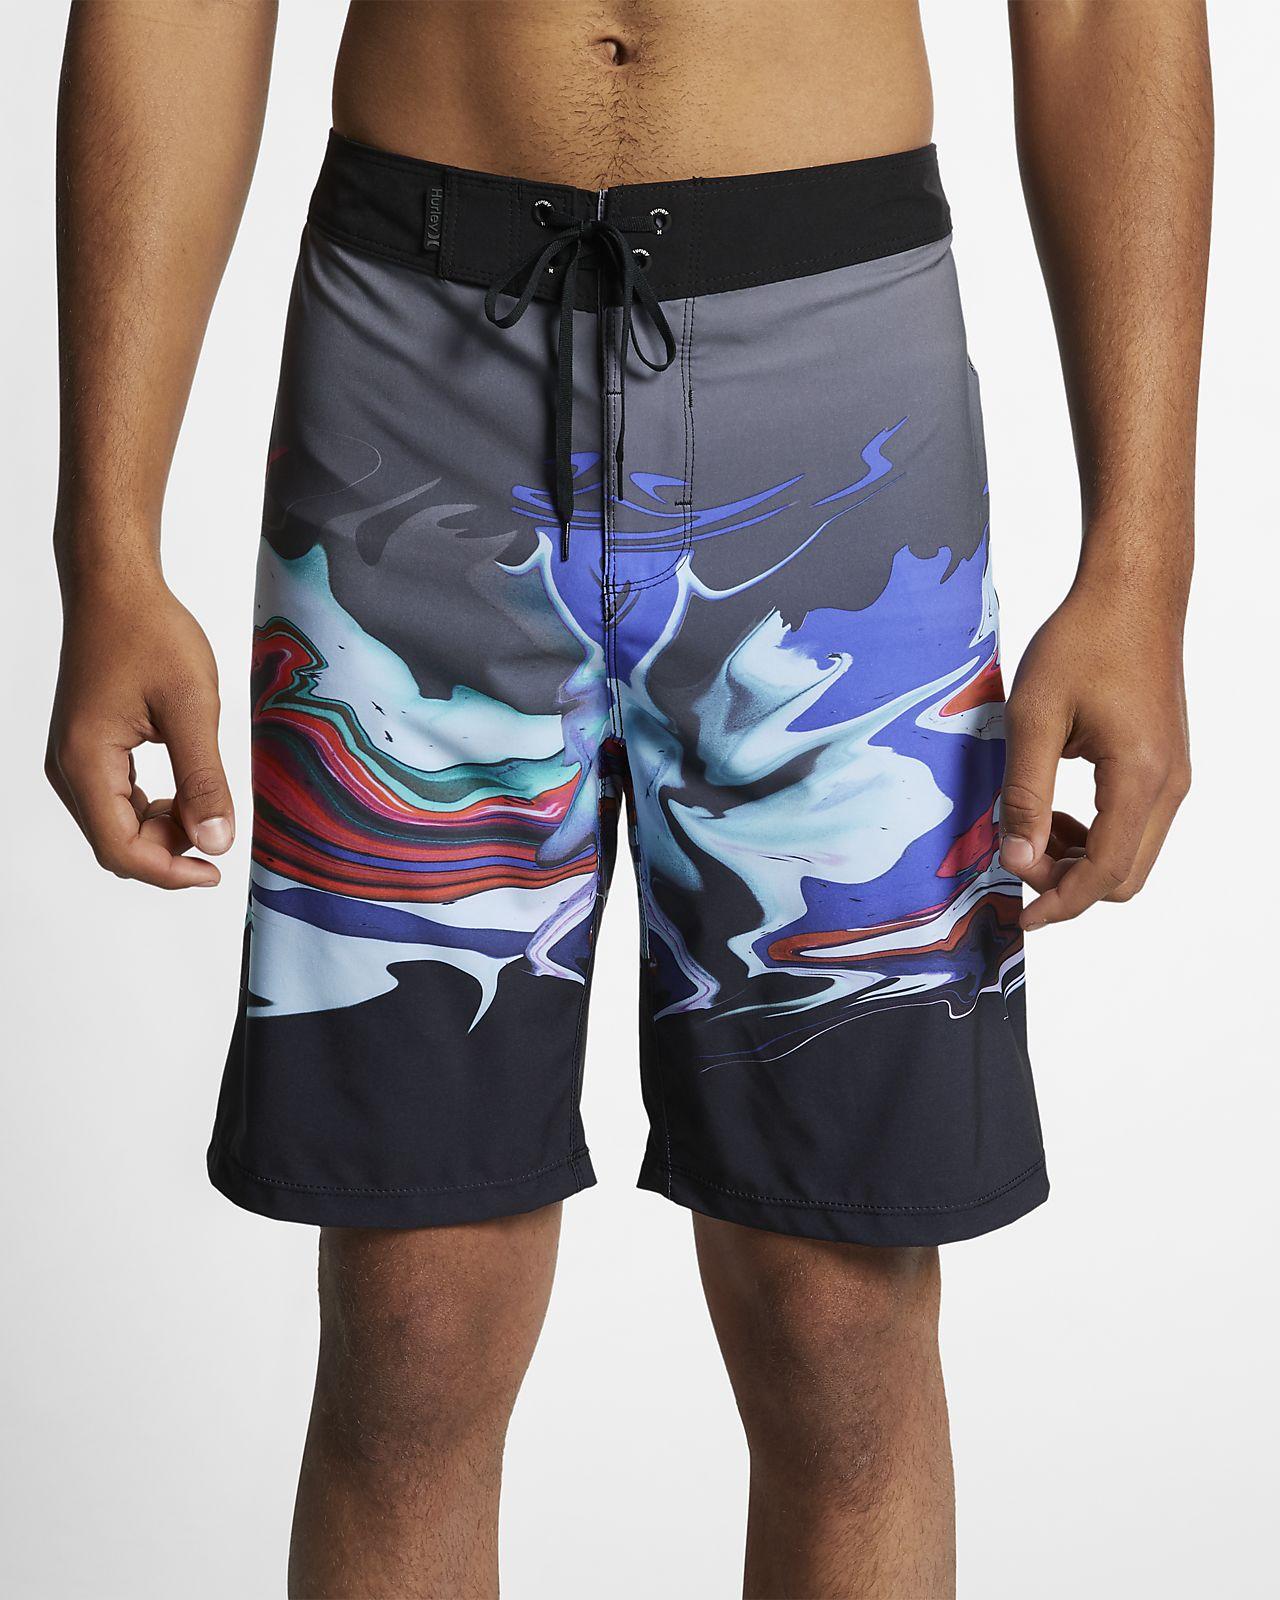 41213146b6a30 Shorts da surf 20